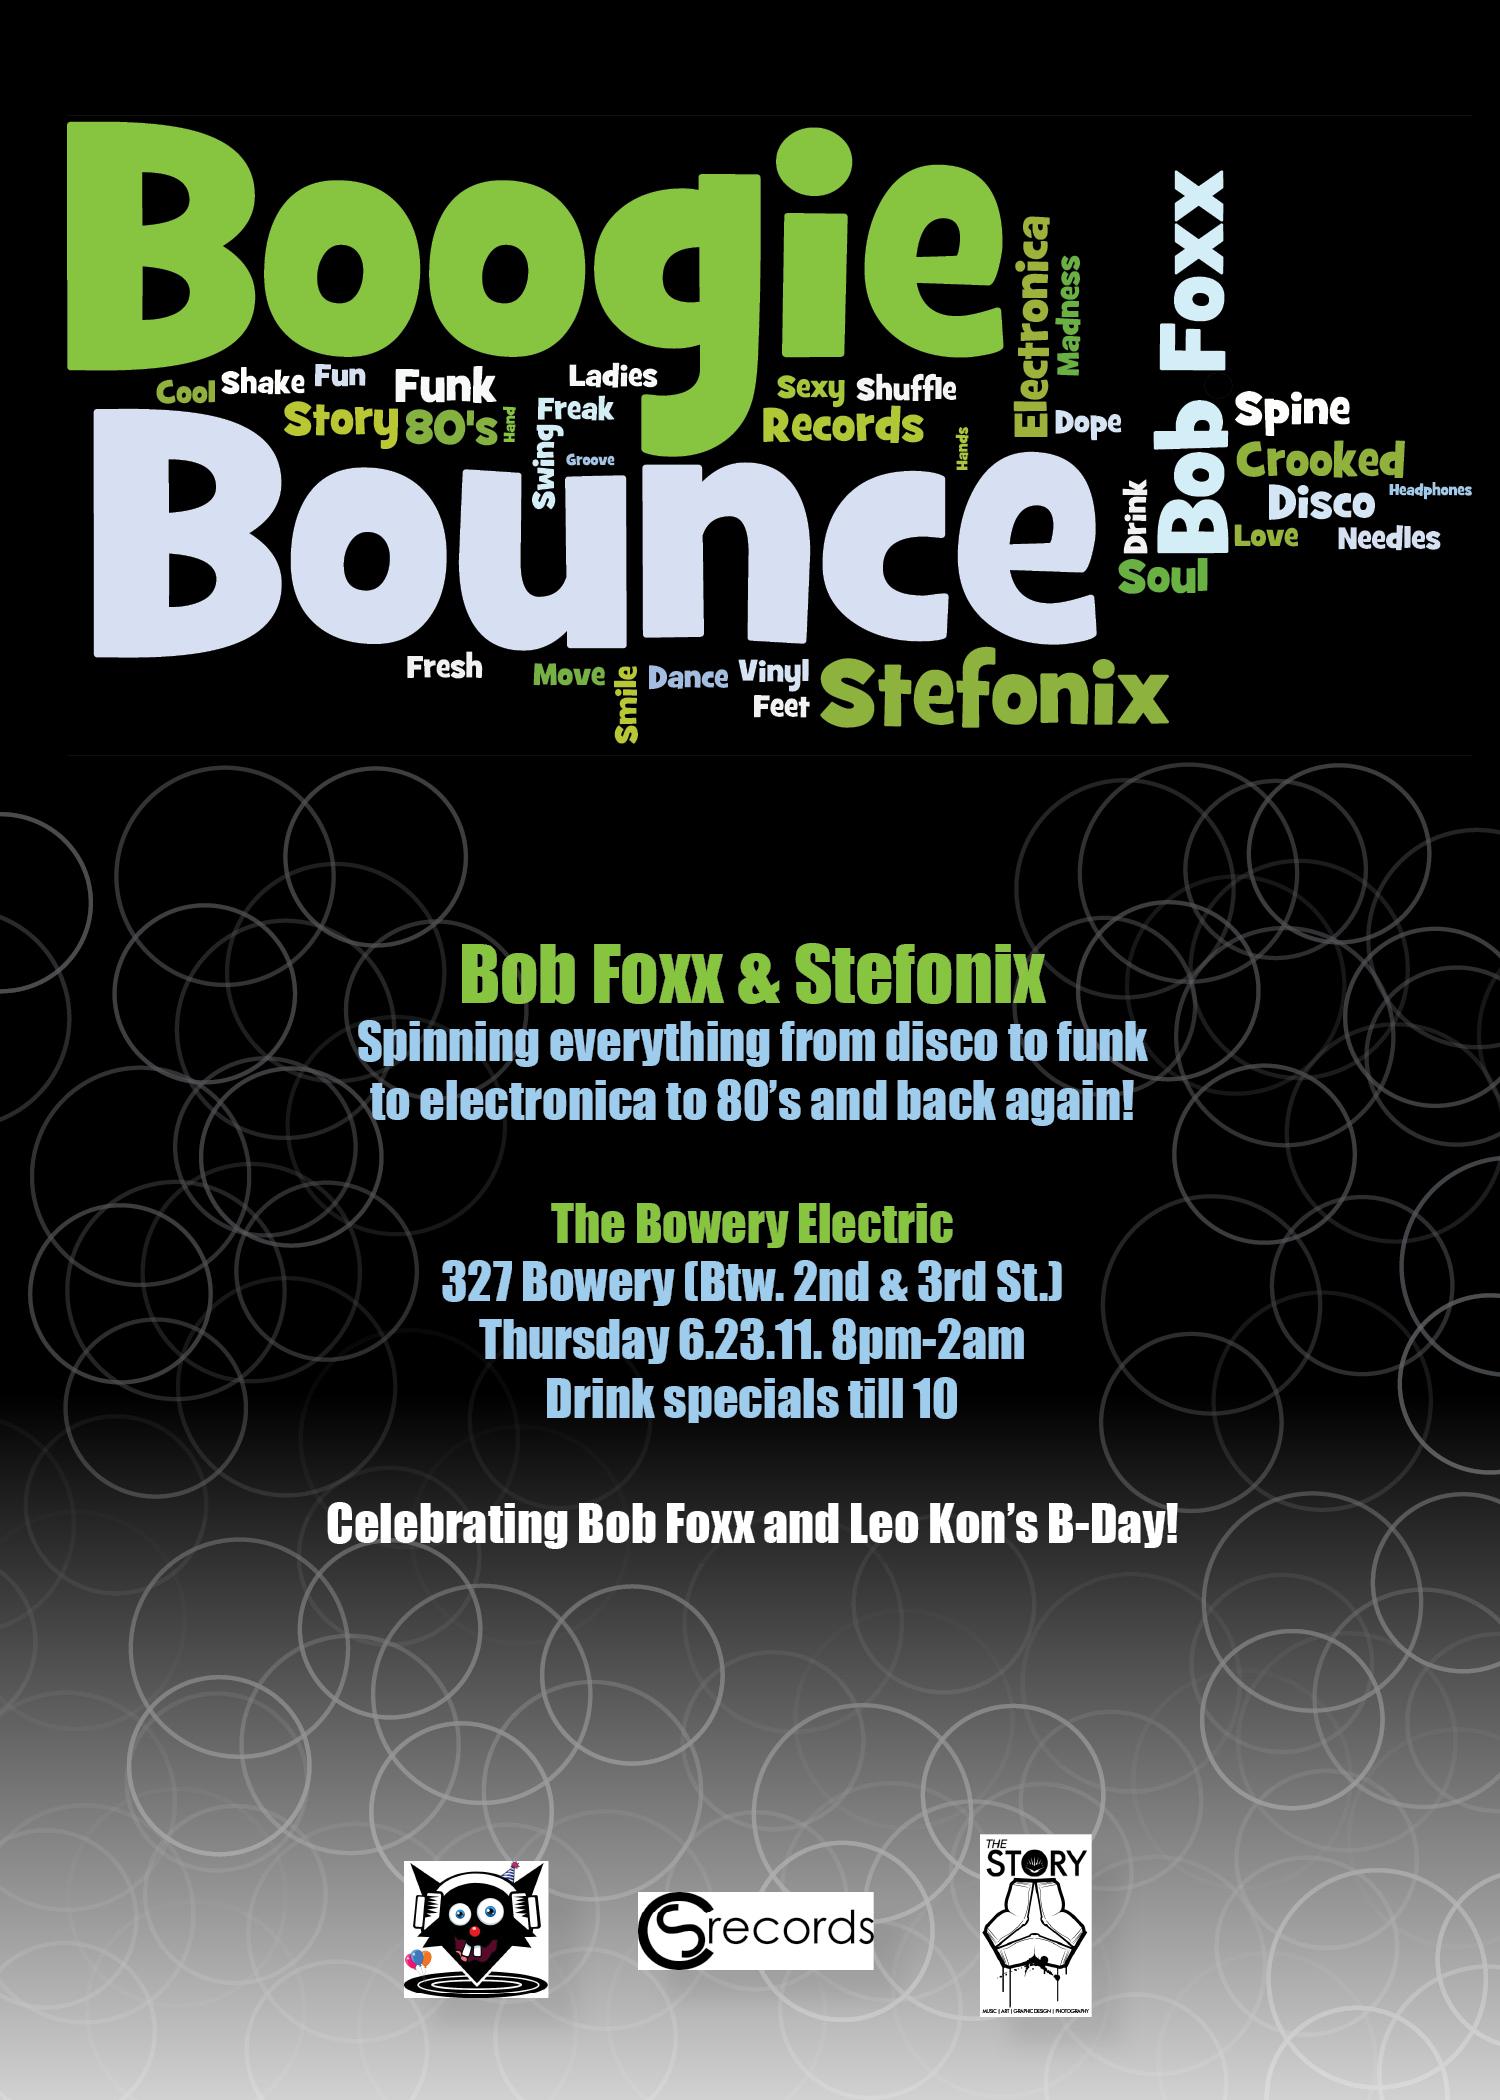 Boogie_Bounce_Flyer_v.1_UPDATE.jpg